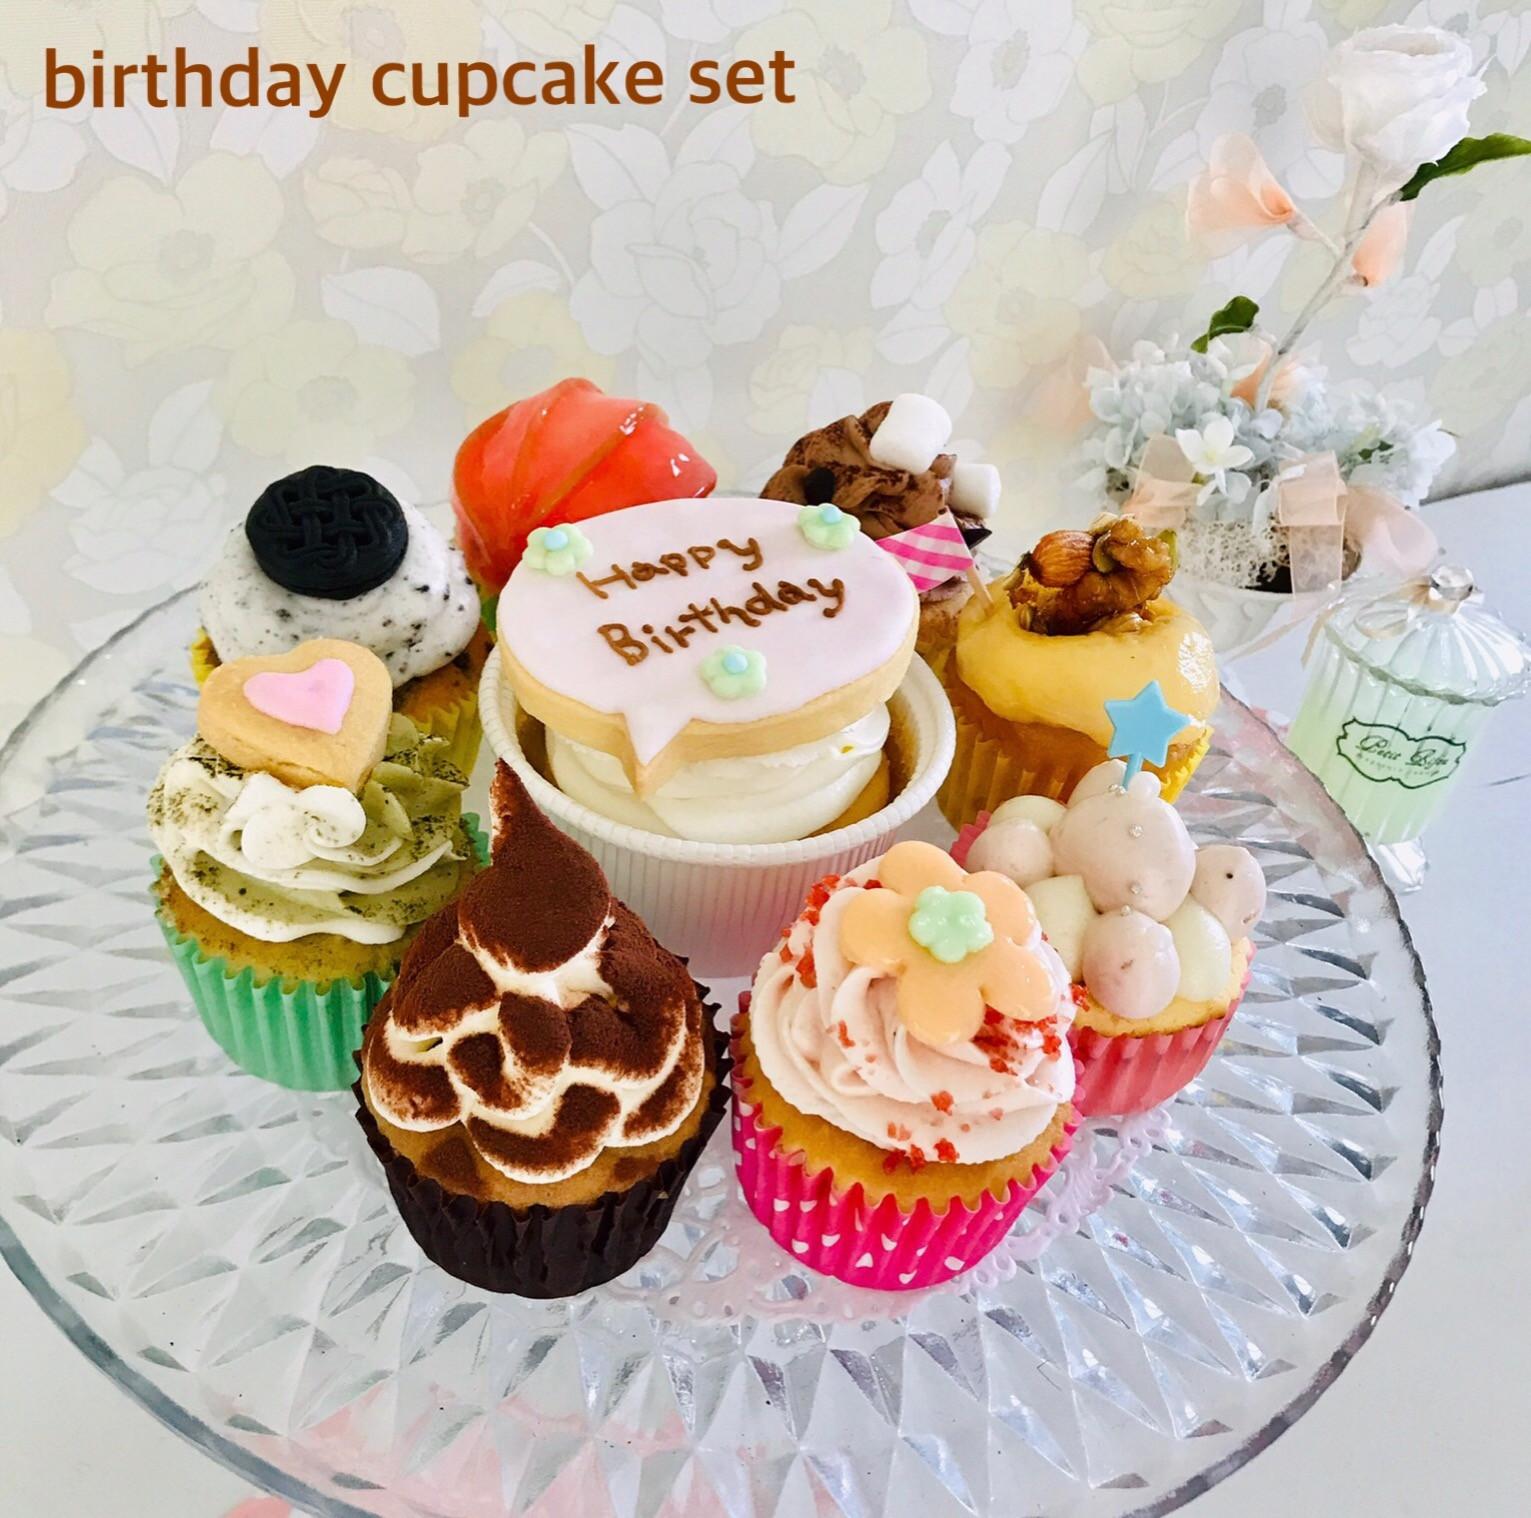 3個セット〜10個セット お好きなカップケーキをお選びいただけます♡ アイシングクッキーがのるカップケーキはプレーン生地に生クリーム♡  「Happy  Birthday」 「Happy  Wedding」 「Welcome Baby」 「お名前」 など… ご希望でお入れします☺︎ *3日前までのご予約受付。>